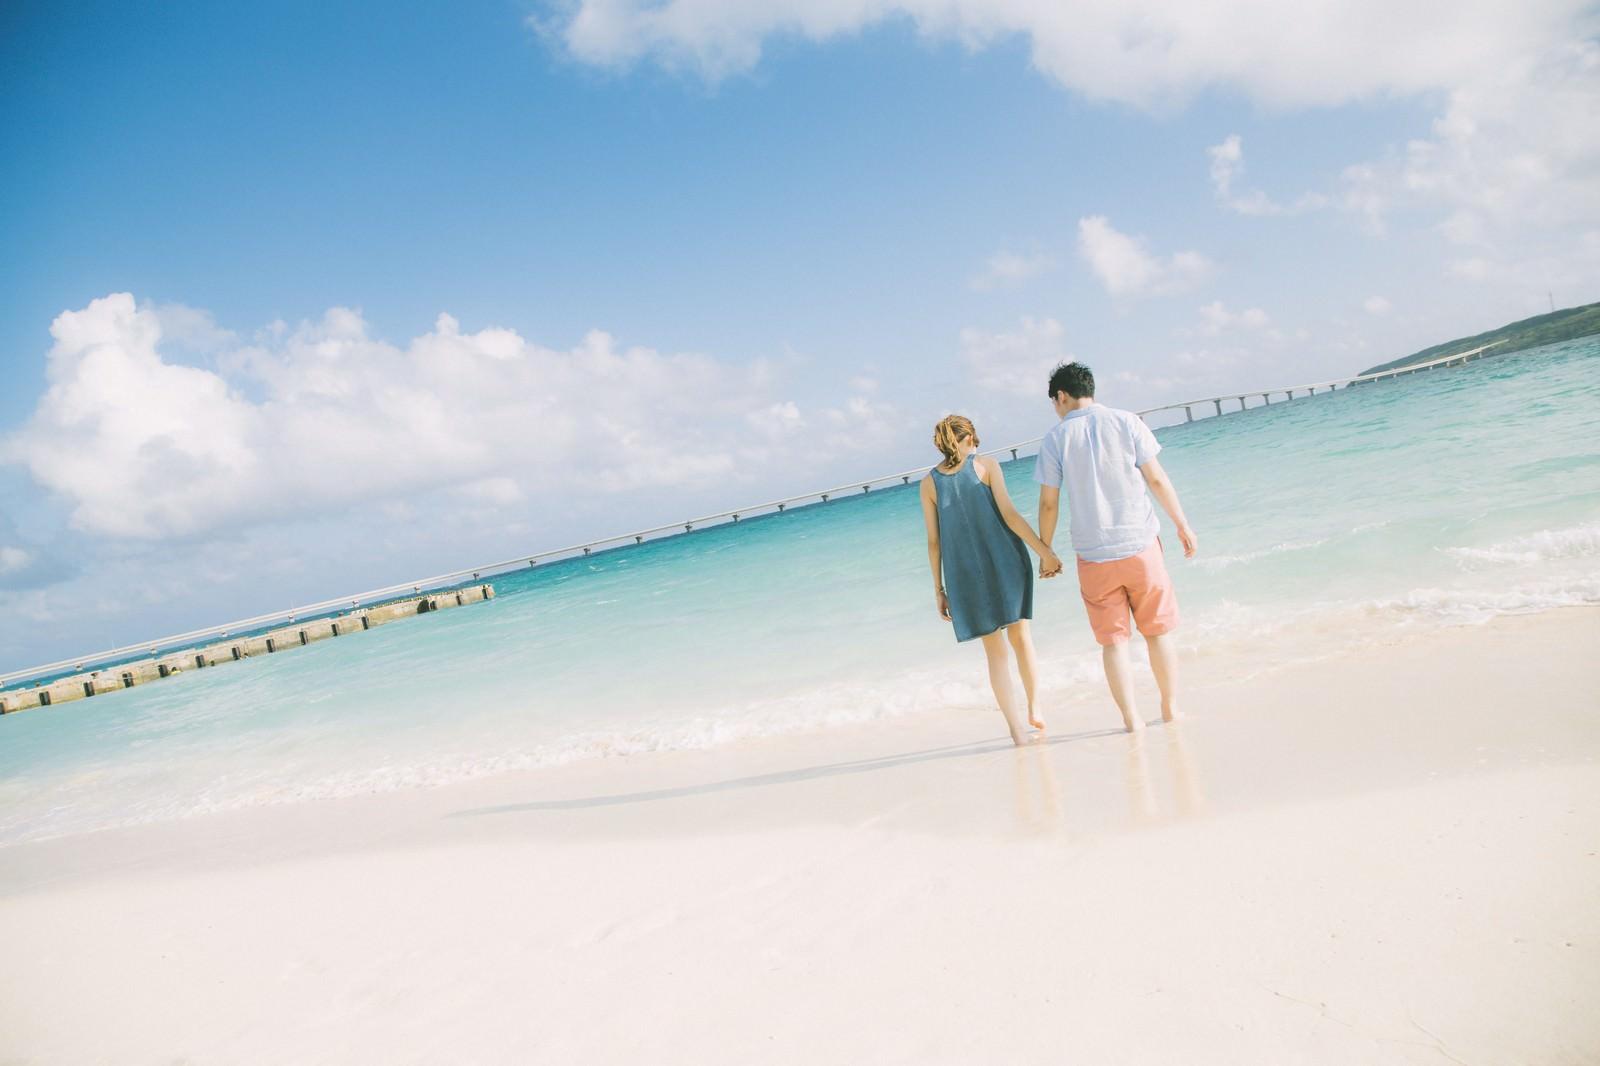 「来間大橋を見ながら、前浜ビーチで手を握りあうカップル | 写真の無料素材・フリー素材 - ぱくたそ」の写真